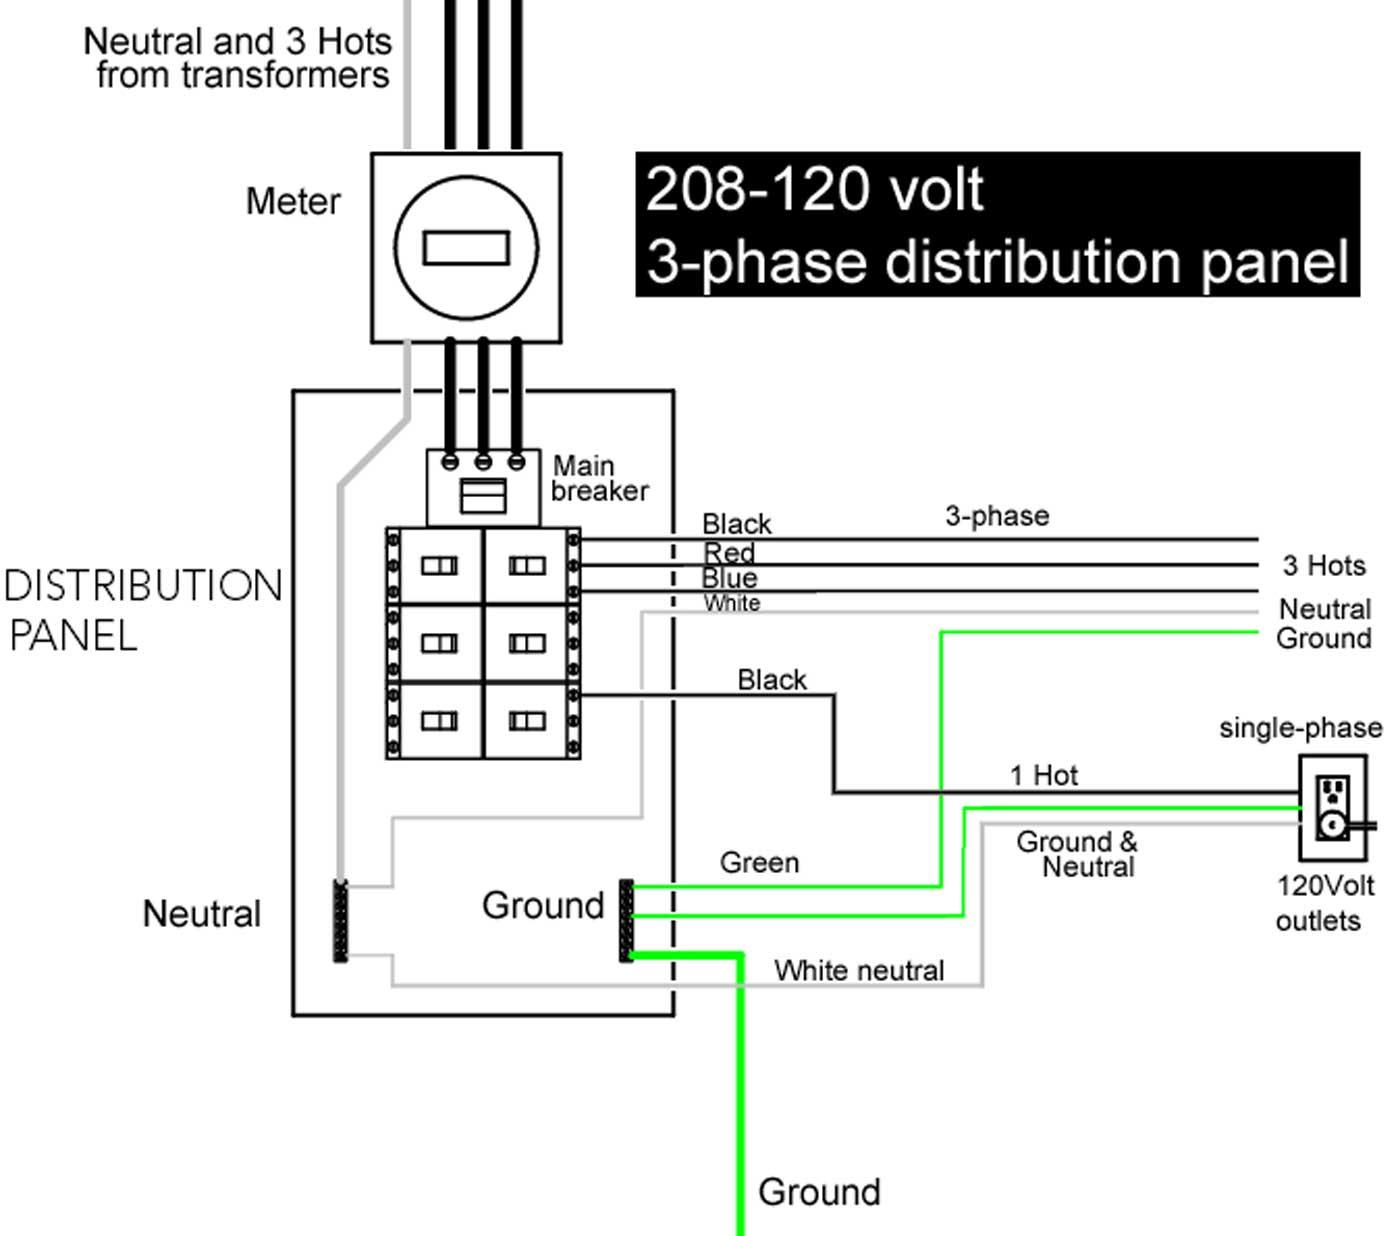 440 Single Phase Wiring Diagram | Wiring Diagram - 208 Volt Single Phase Wiring Diagram